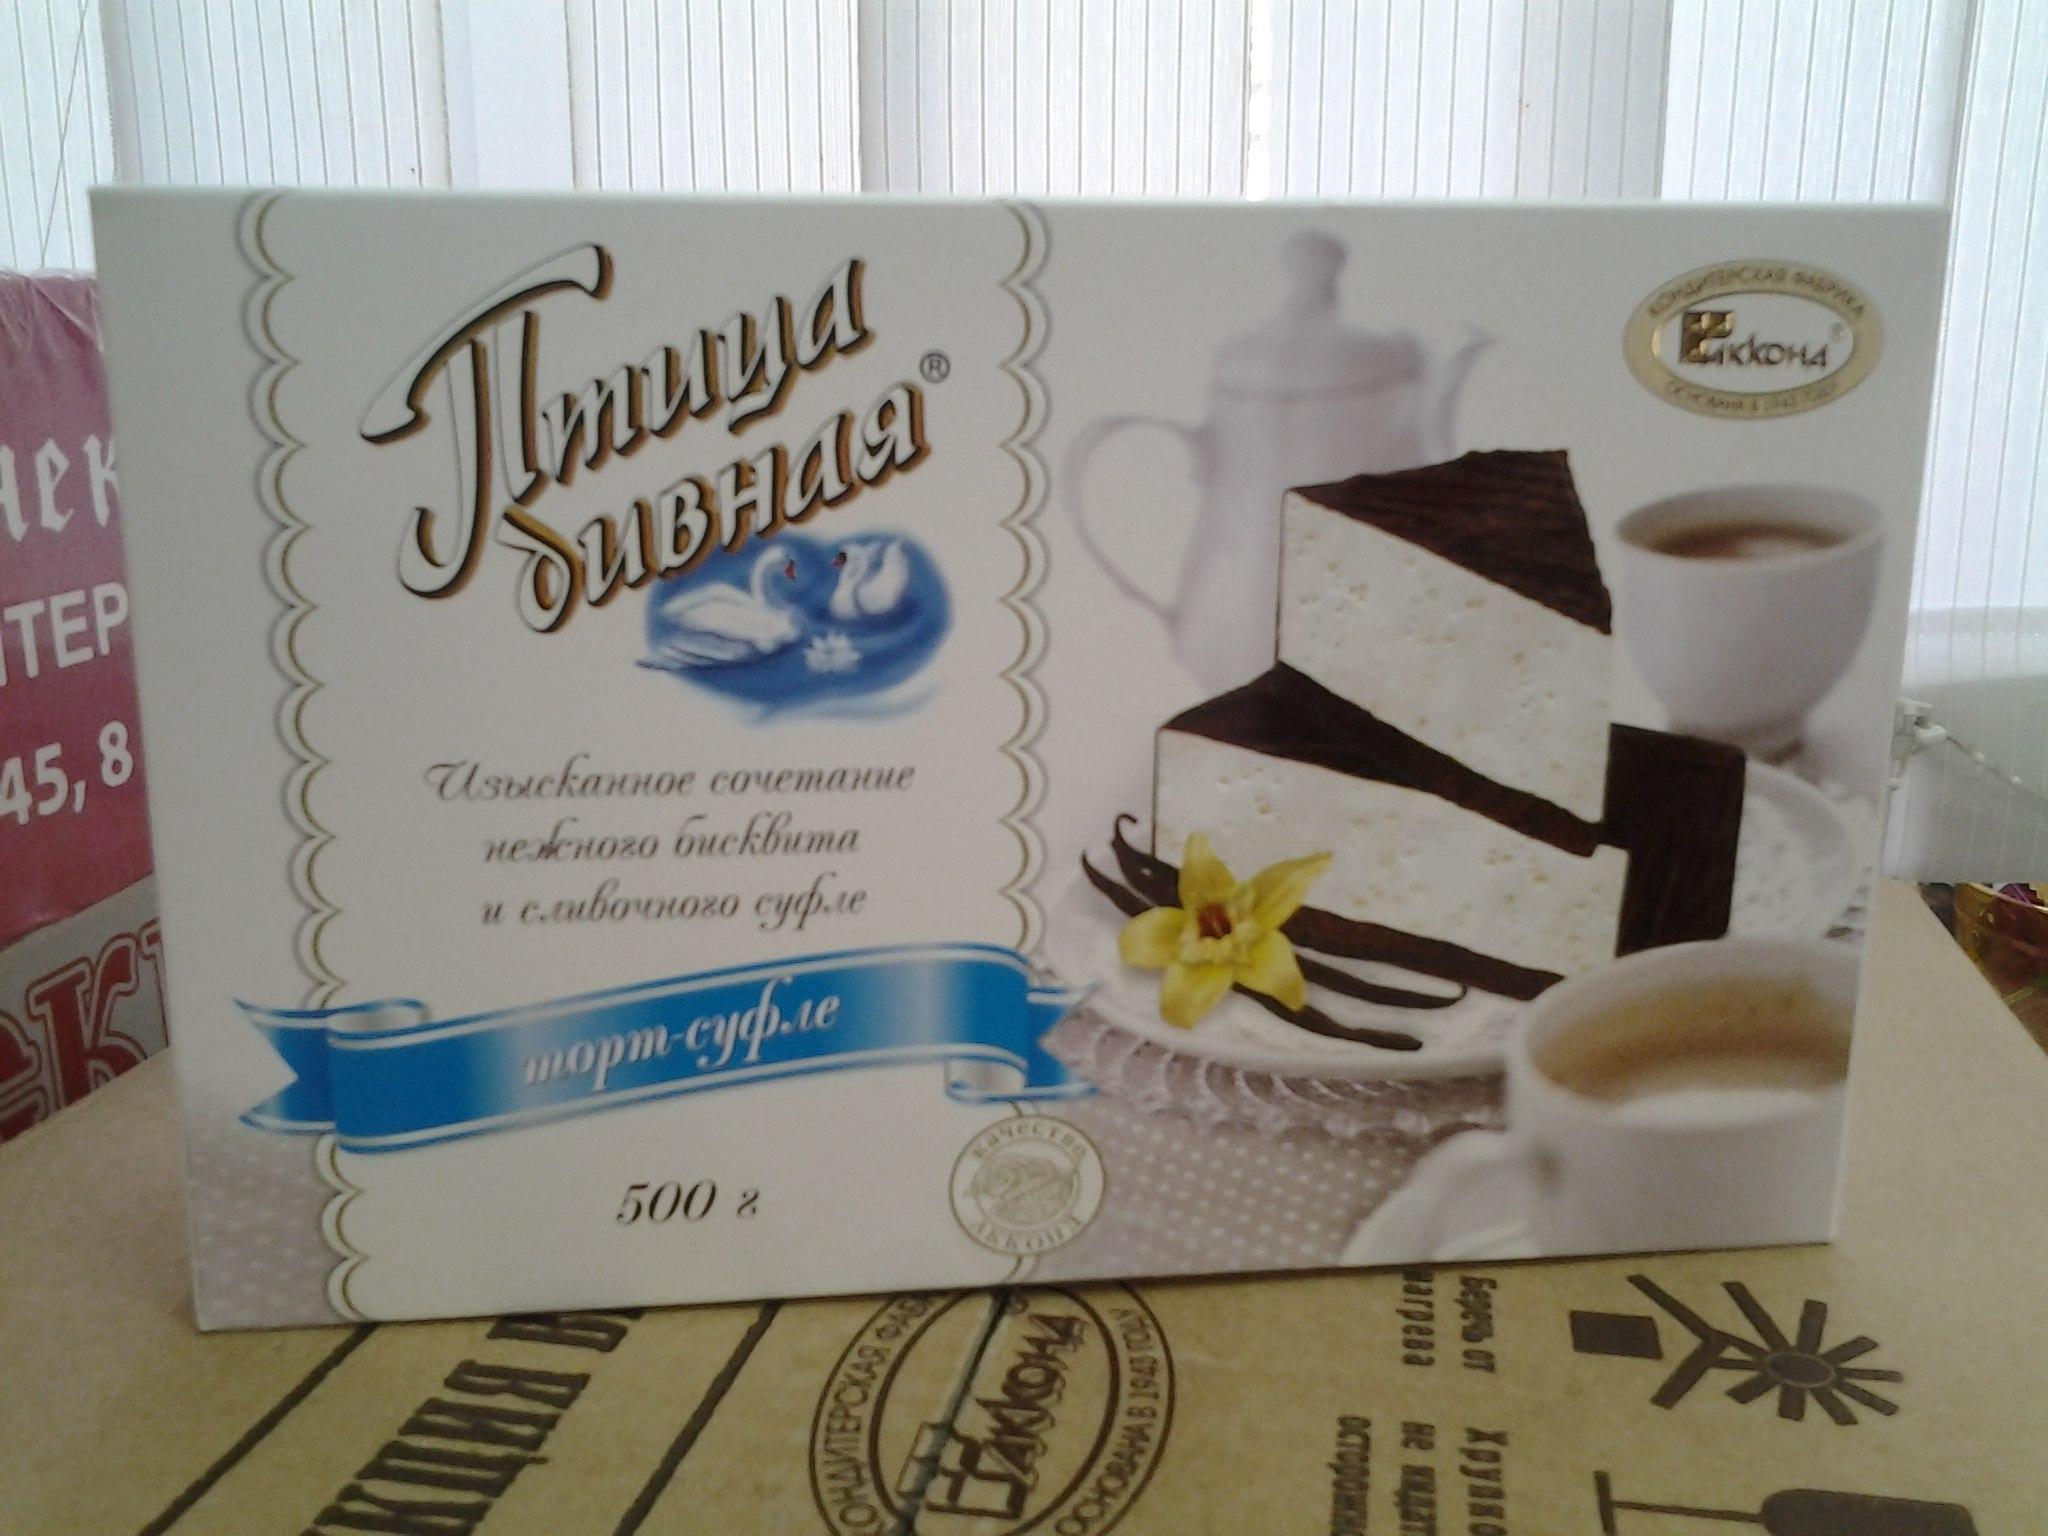 Торт Птичье молоко. Нежное суфле с тонкой прослойкой бисквита вес 500 гр цена 127 руб.